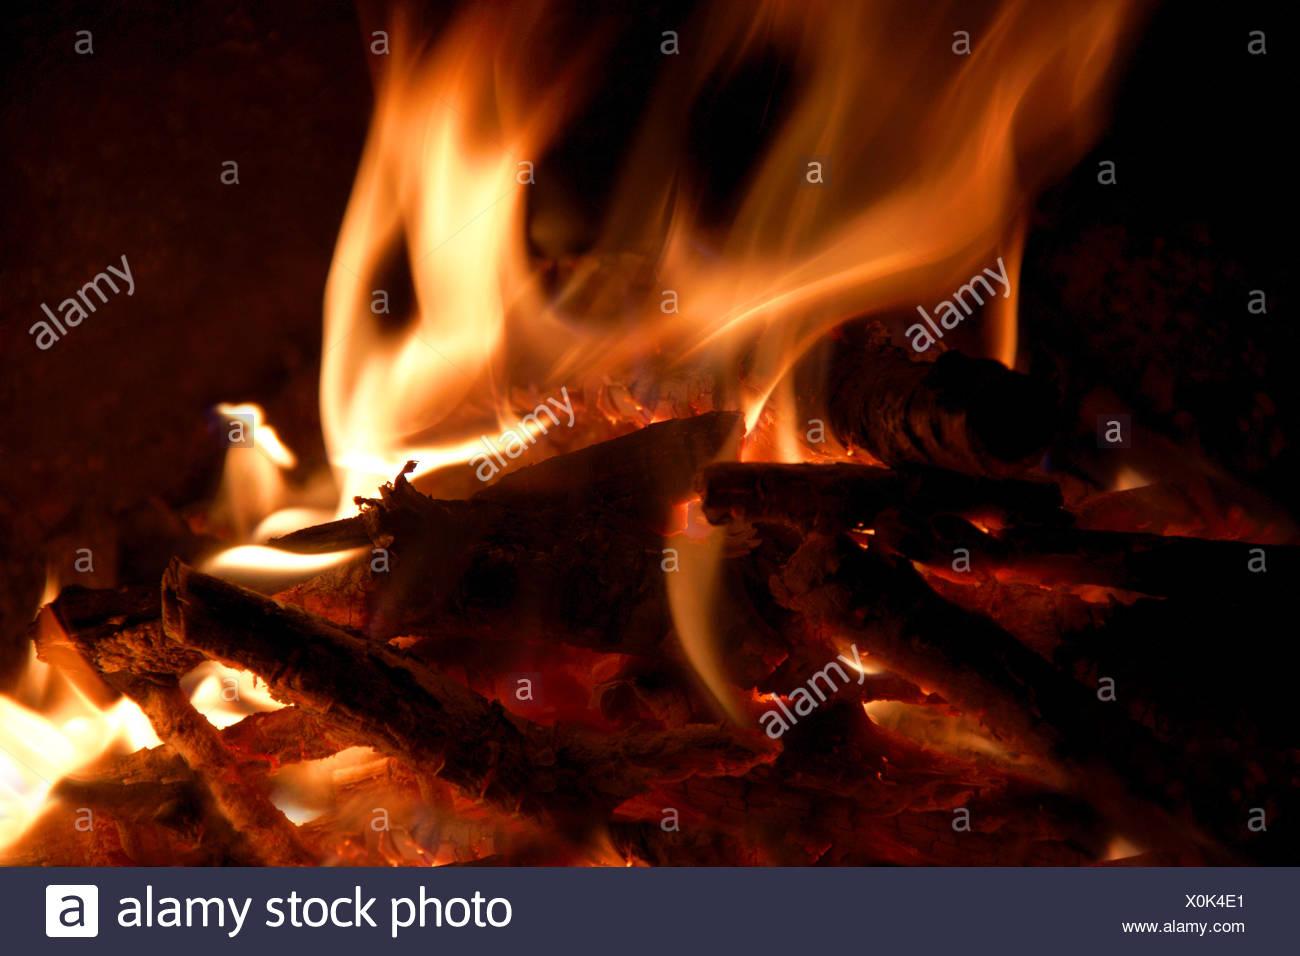 Flaring bonfire - Stock Image